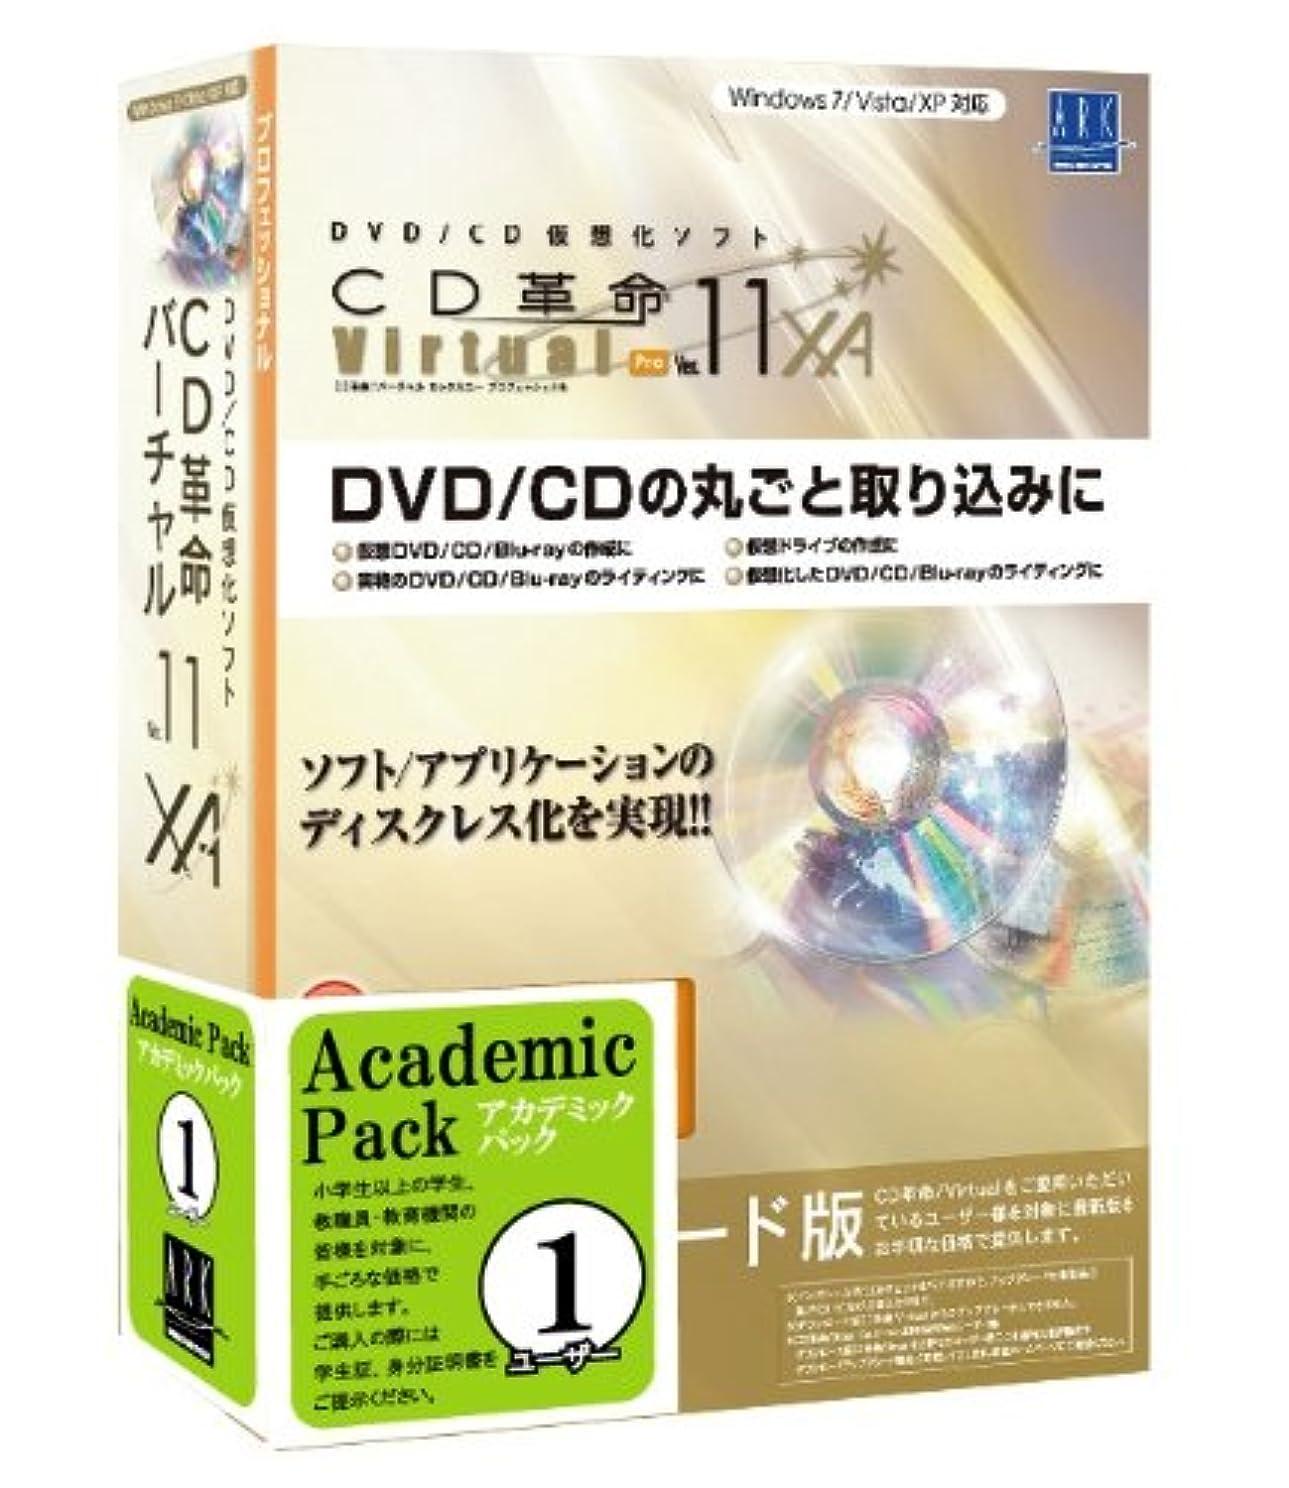 金曜日窒素絶滅させるCD革命/Virtual Ver.11 XA Pro アカデミック アップグレード版